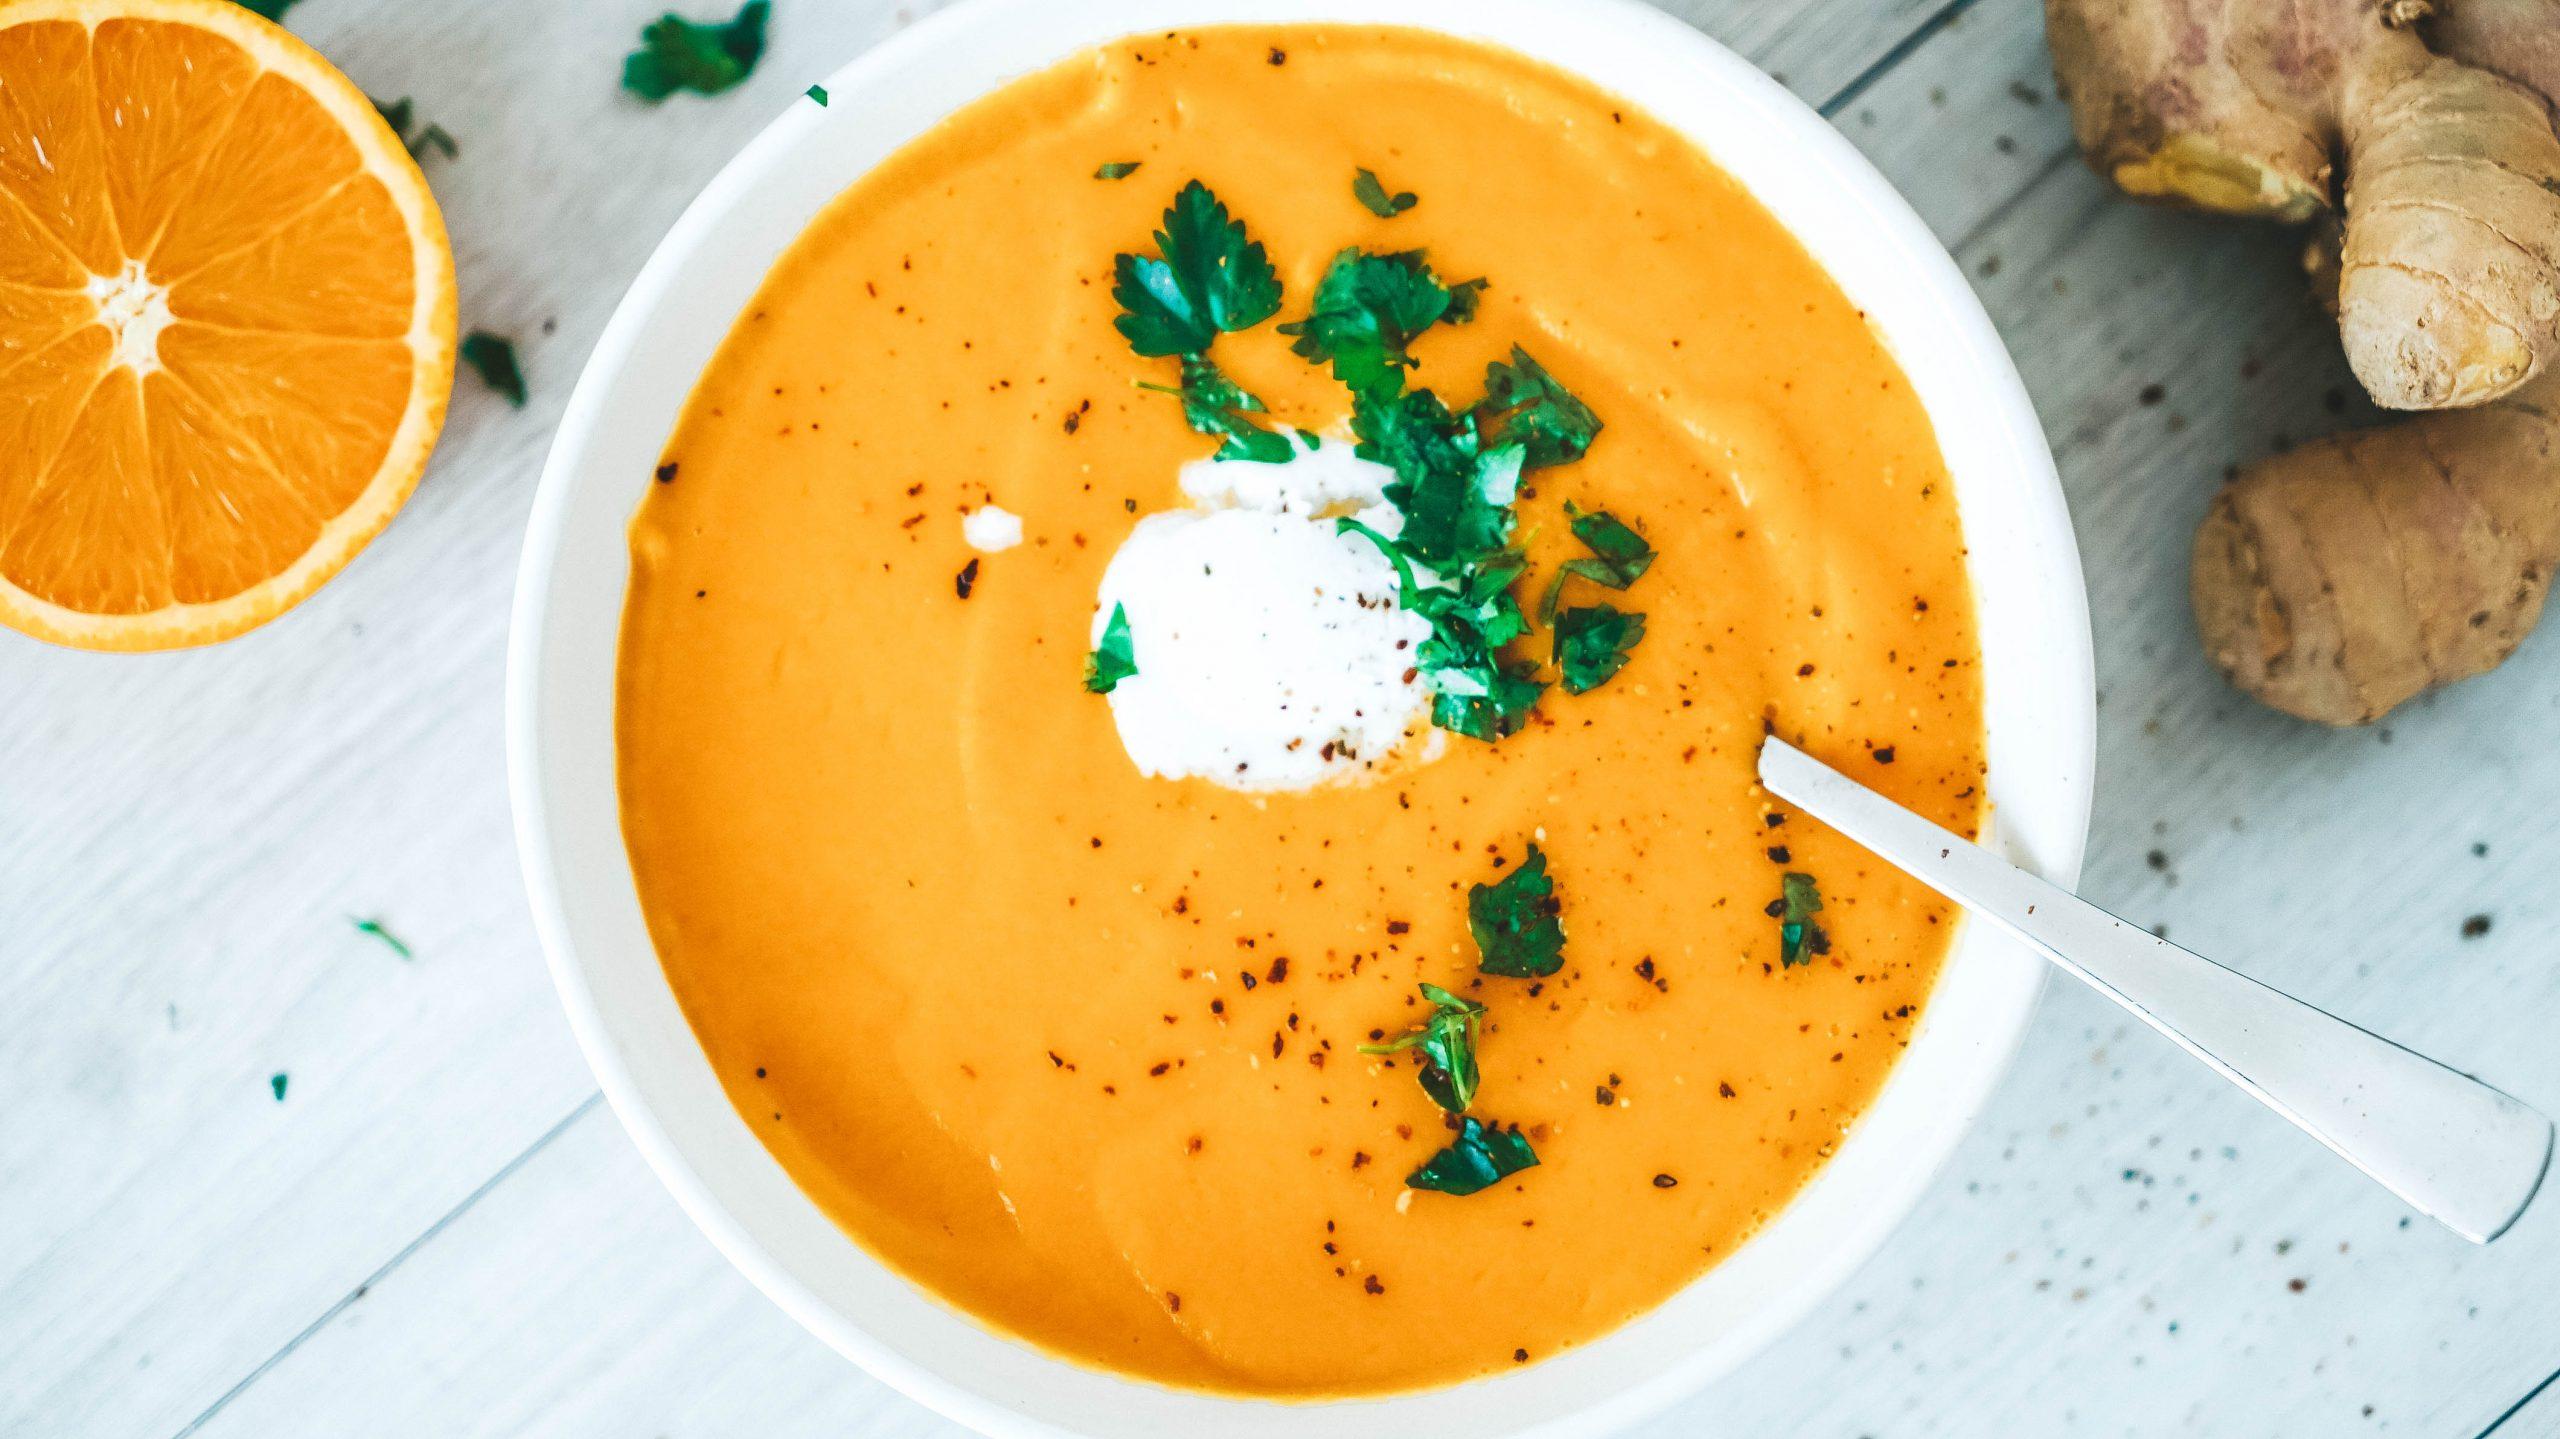 Orangen-Karotten-Suppe Mit Ingwer über Karotten Orangen Ingwer Suppe Rezept